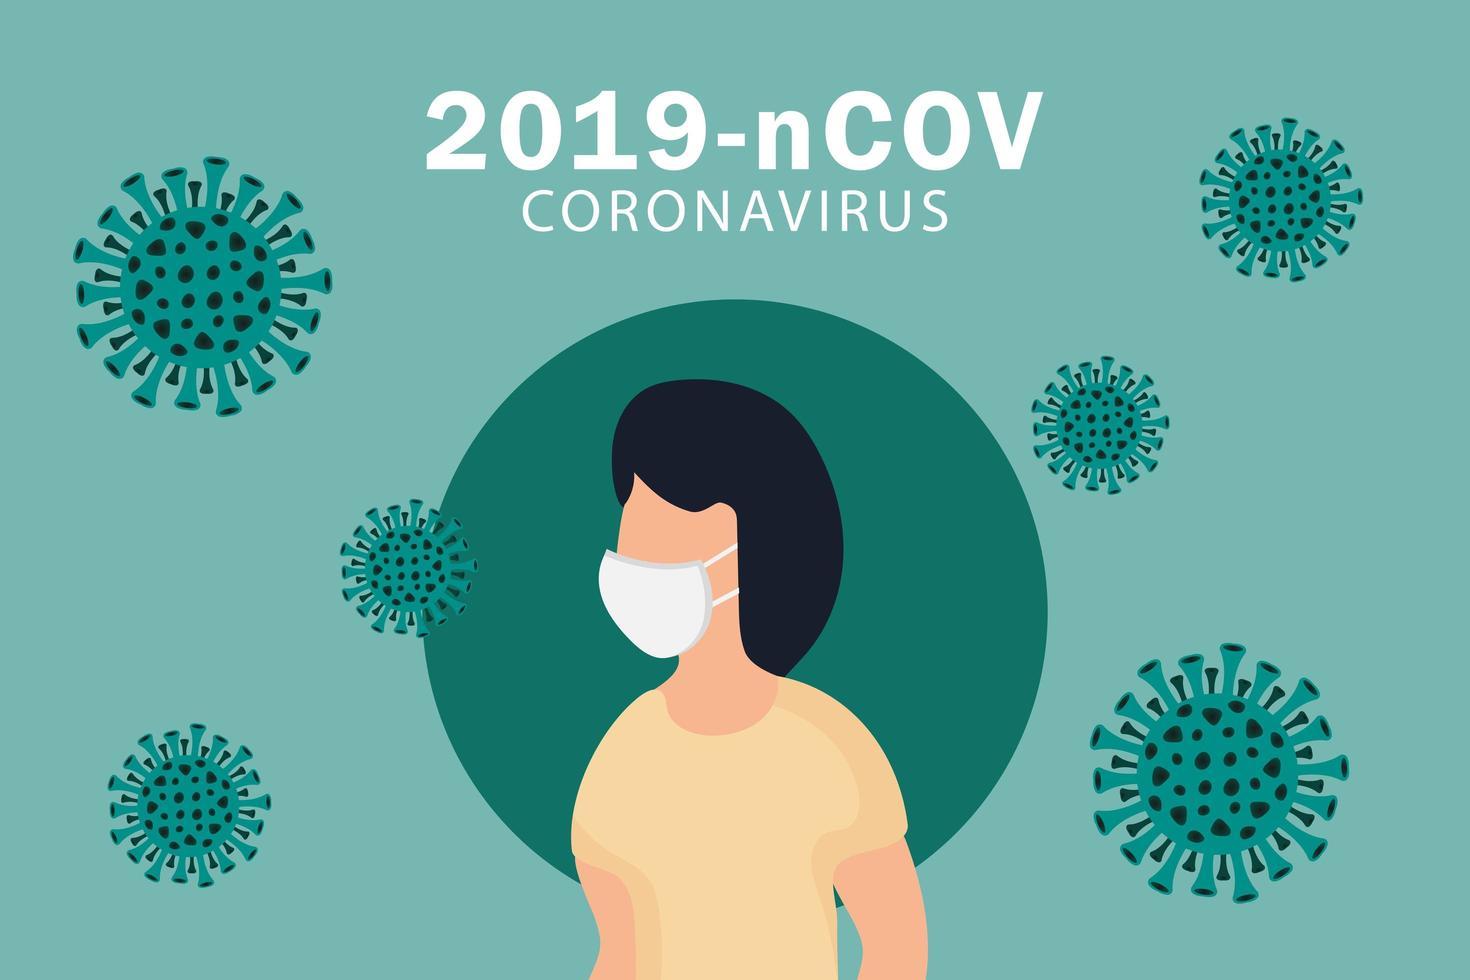 poster di coronavirus covid-19 o 2019-ncov vettore